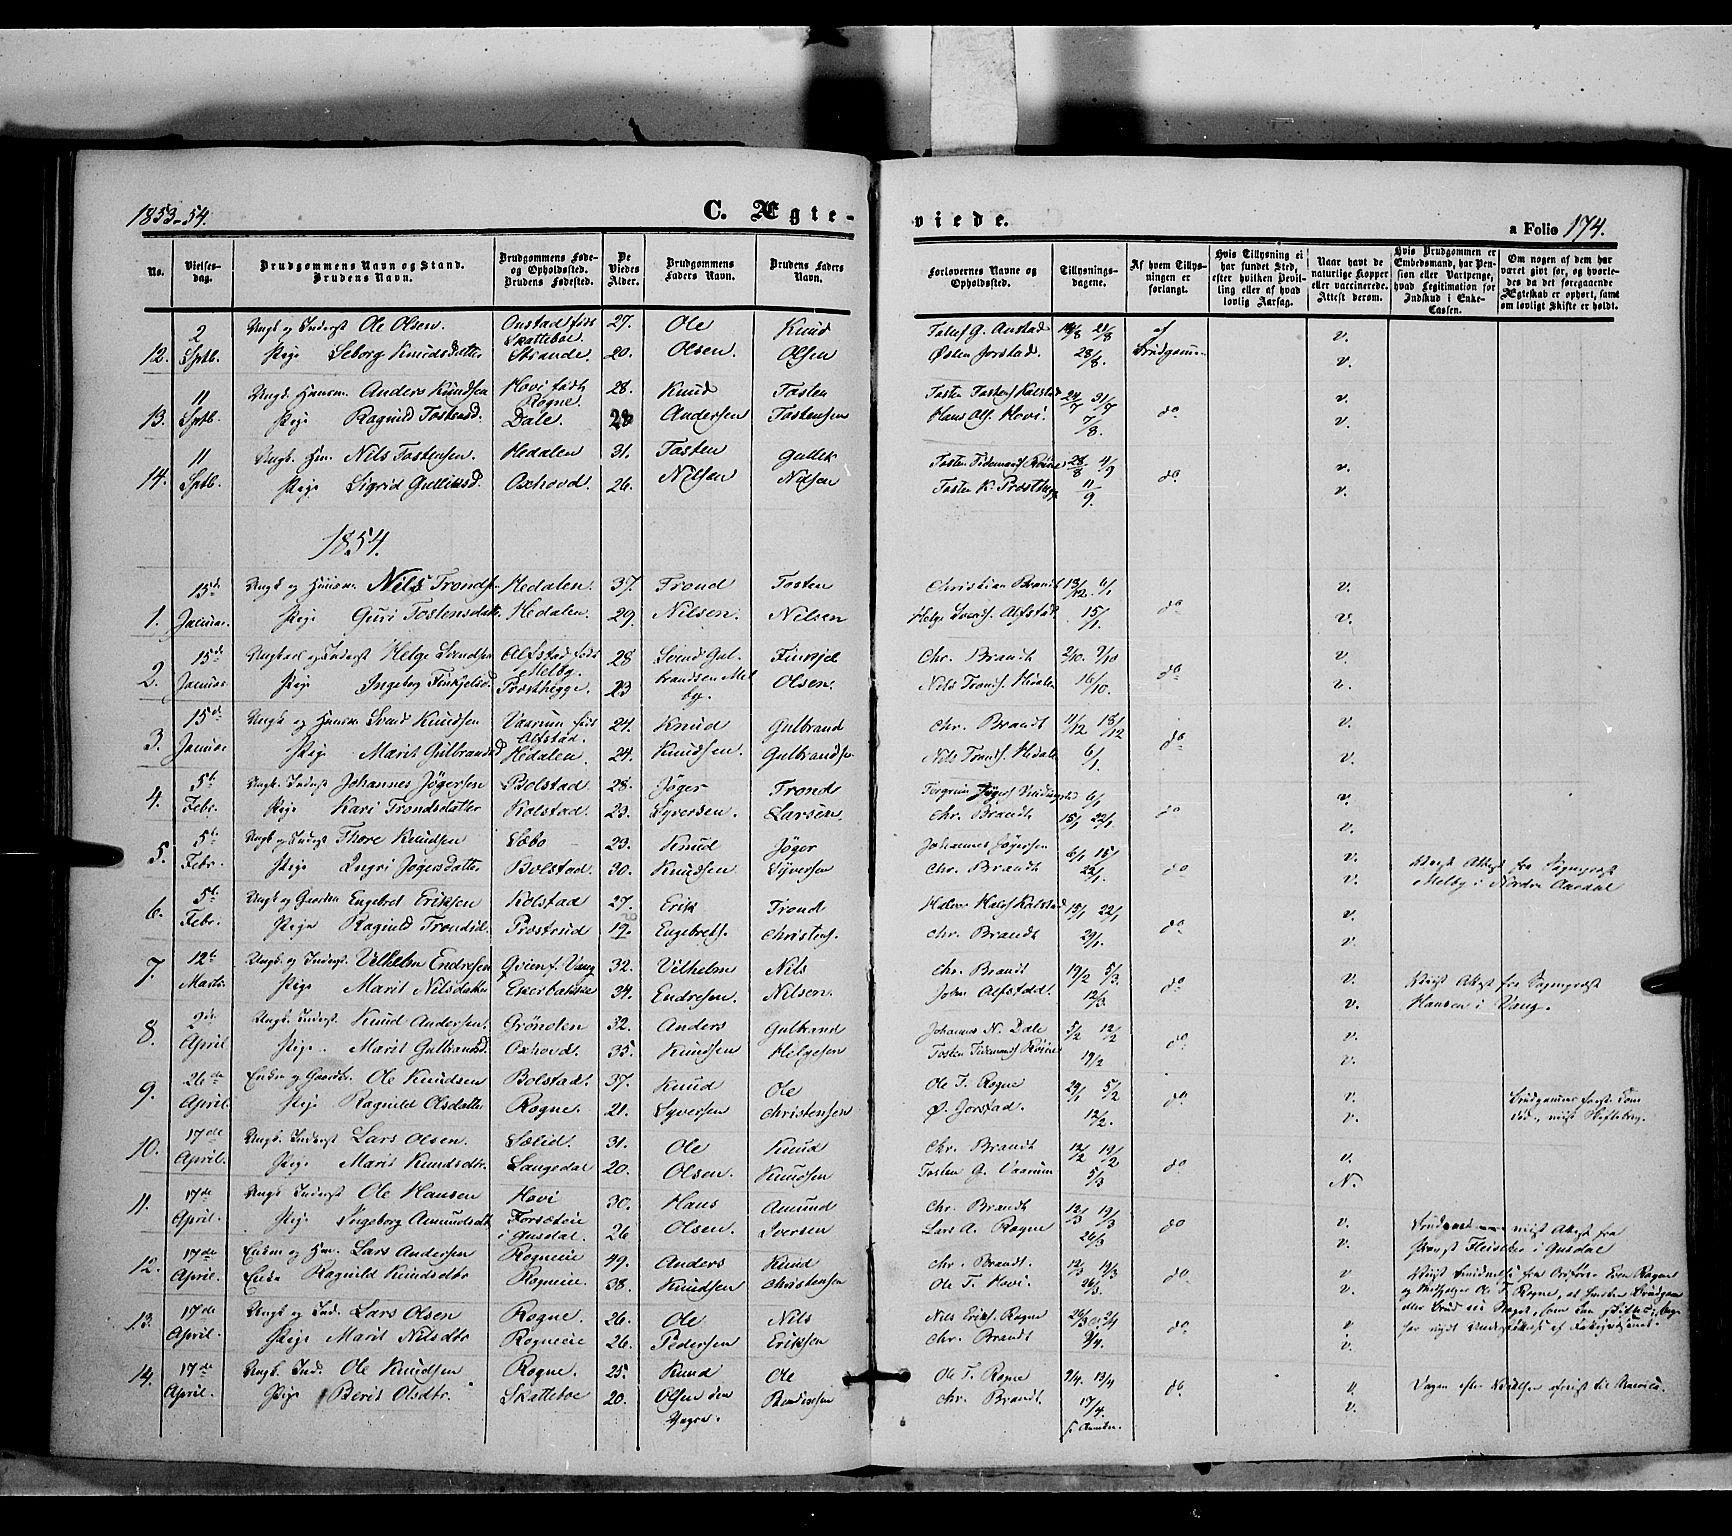 SAH, Øystre Slidre prestekontor, Ministerialbok nr. 1, 1849-1874, s. 174